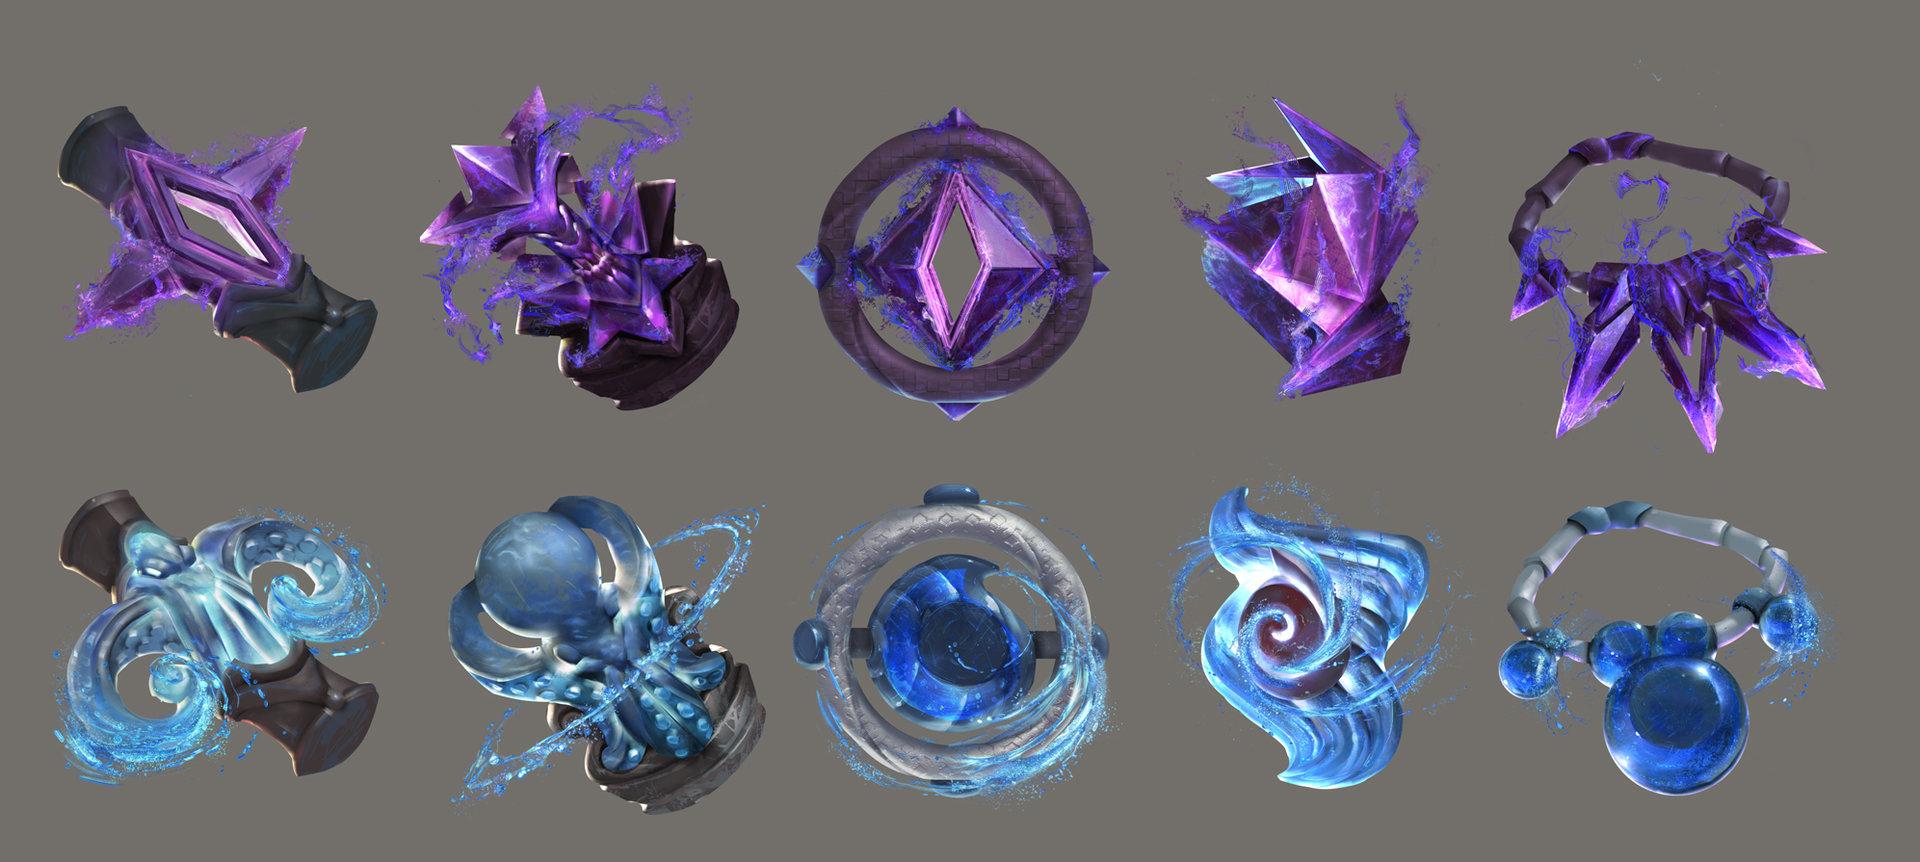 Markus lenz gameloft dh5 amulets 02 ml